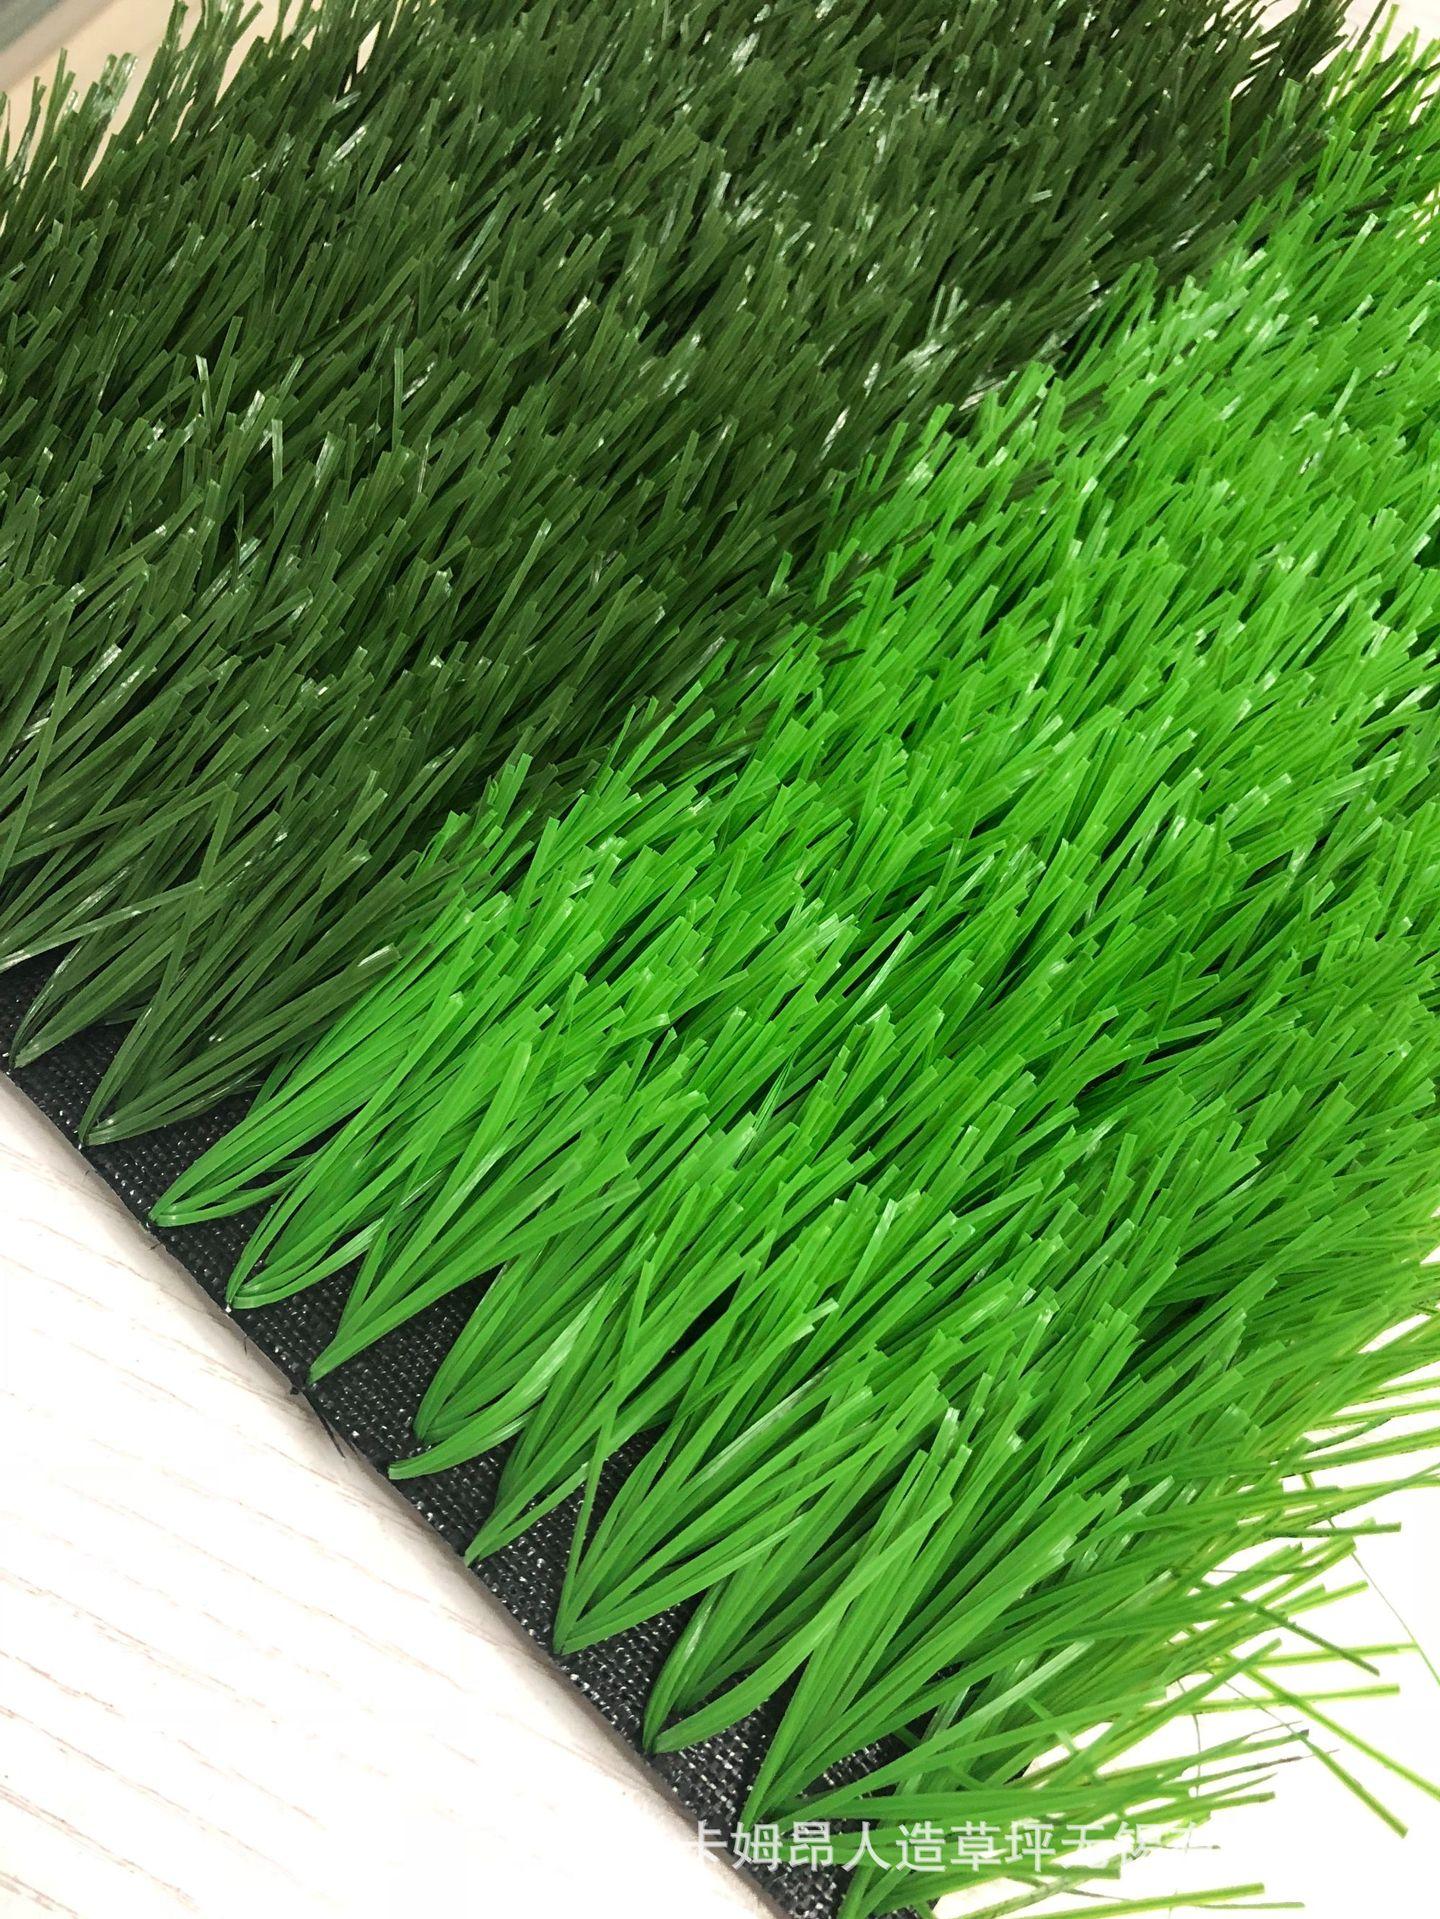 卡姆昂人造草坪足球场学校操场仿真草坪学校专用假草皮生产厂家